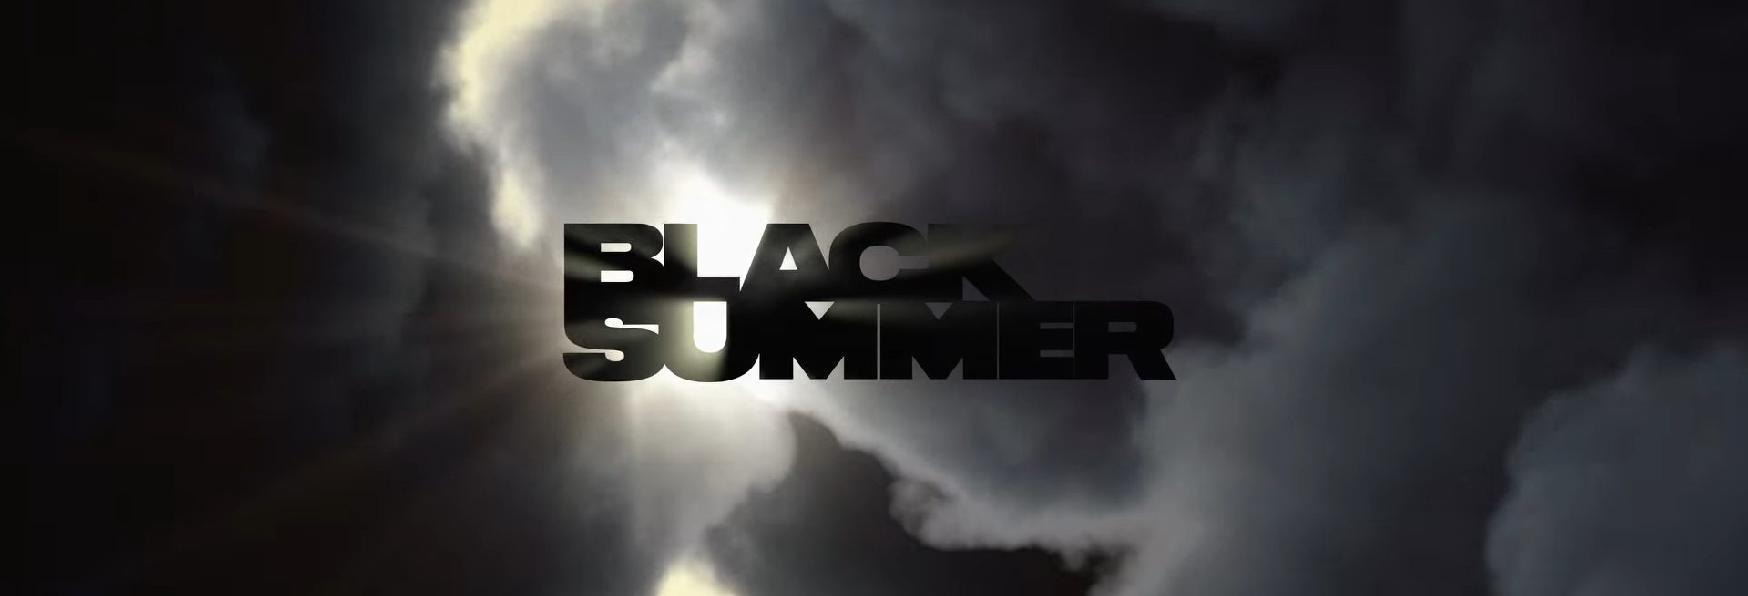 Black Summer: Recensione dell'Episodio 1x01 e Prime Impressioni sulla nuova Serie TV Netflix